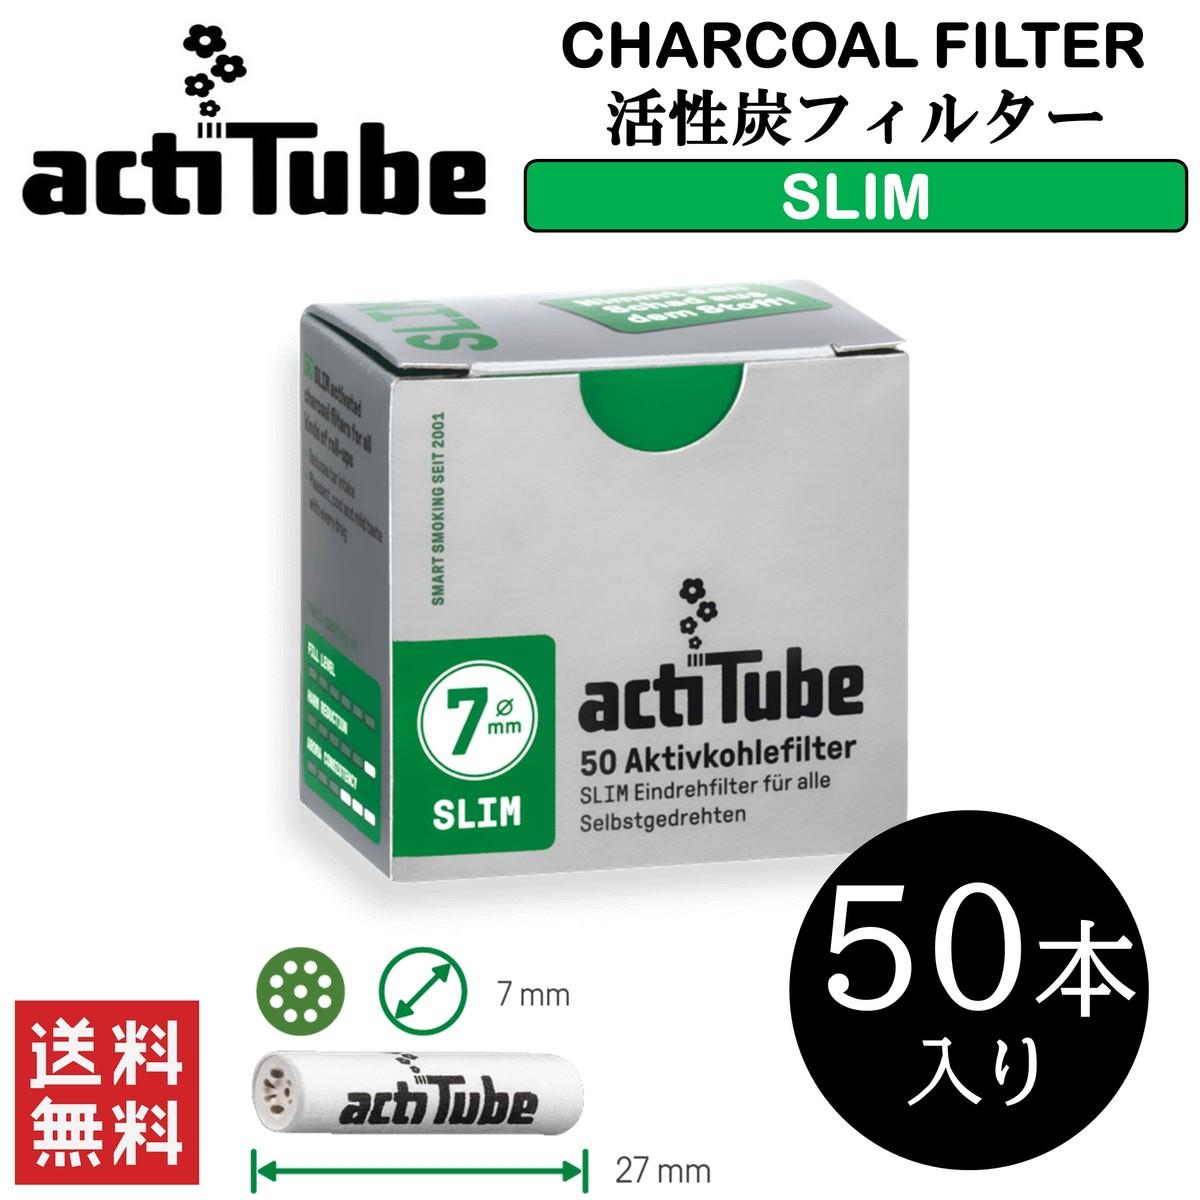 送料無料 特価キャンペーン actitube SLIM アクティチューブ スリム 手巻きたばこ パイプ 人気ショップが最安値挑戦 喫煙具 活性炭フィルター 50本入